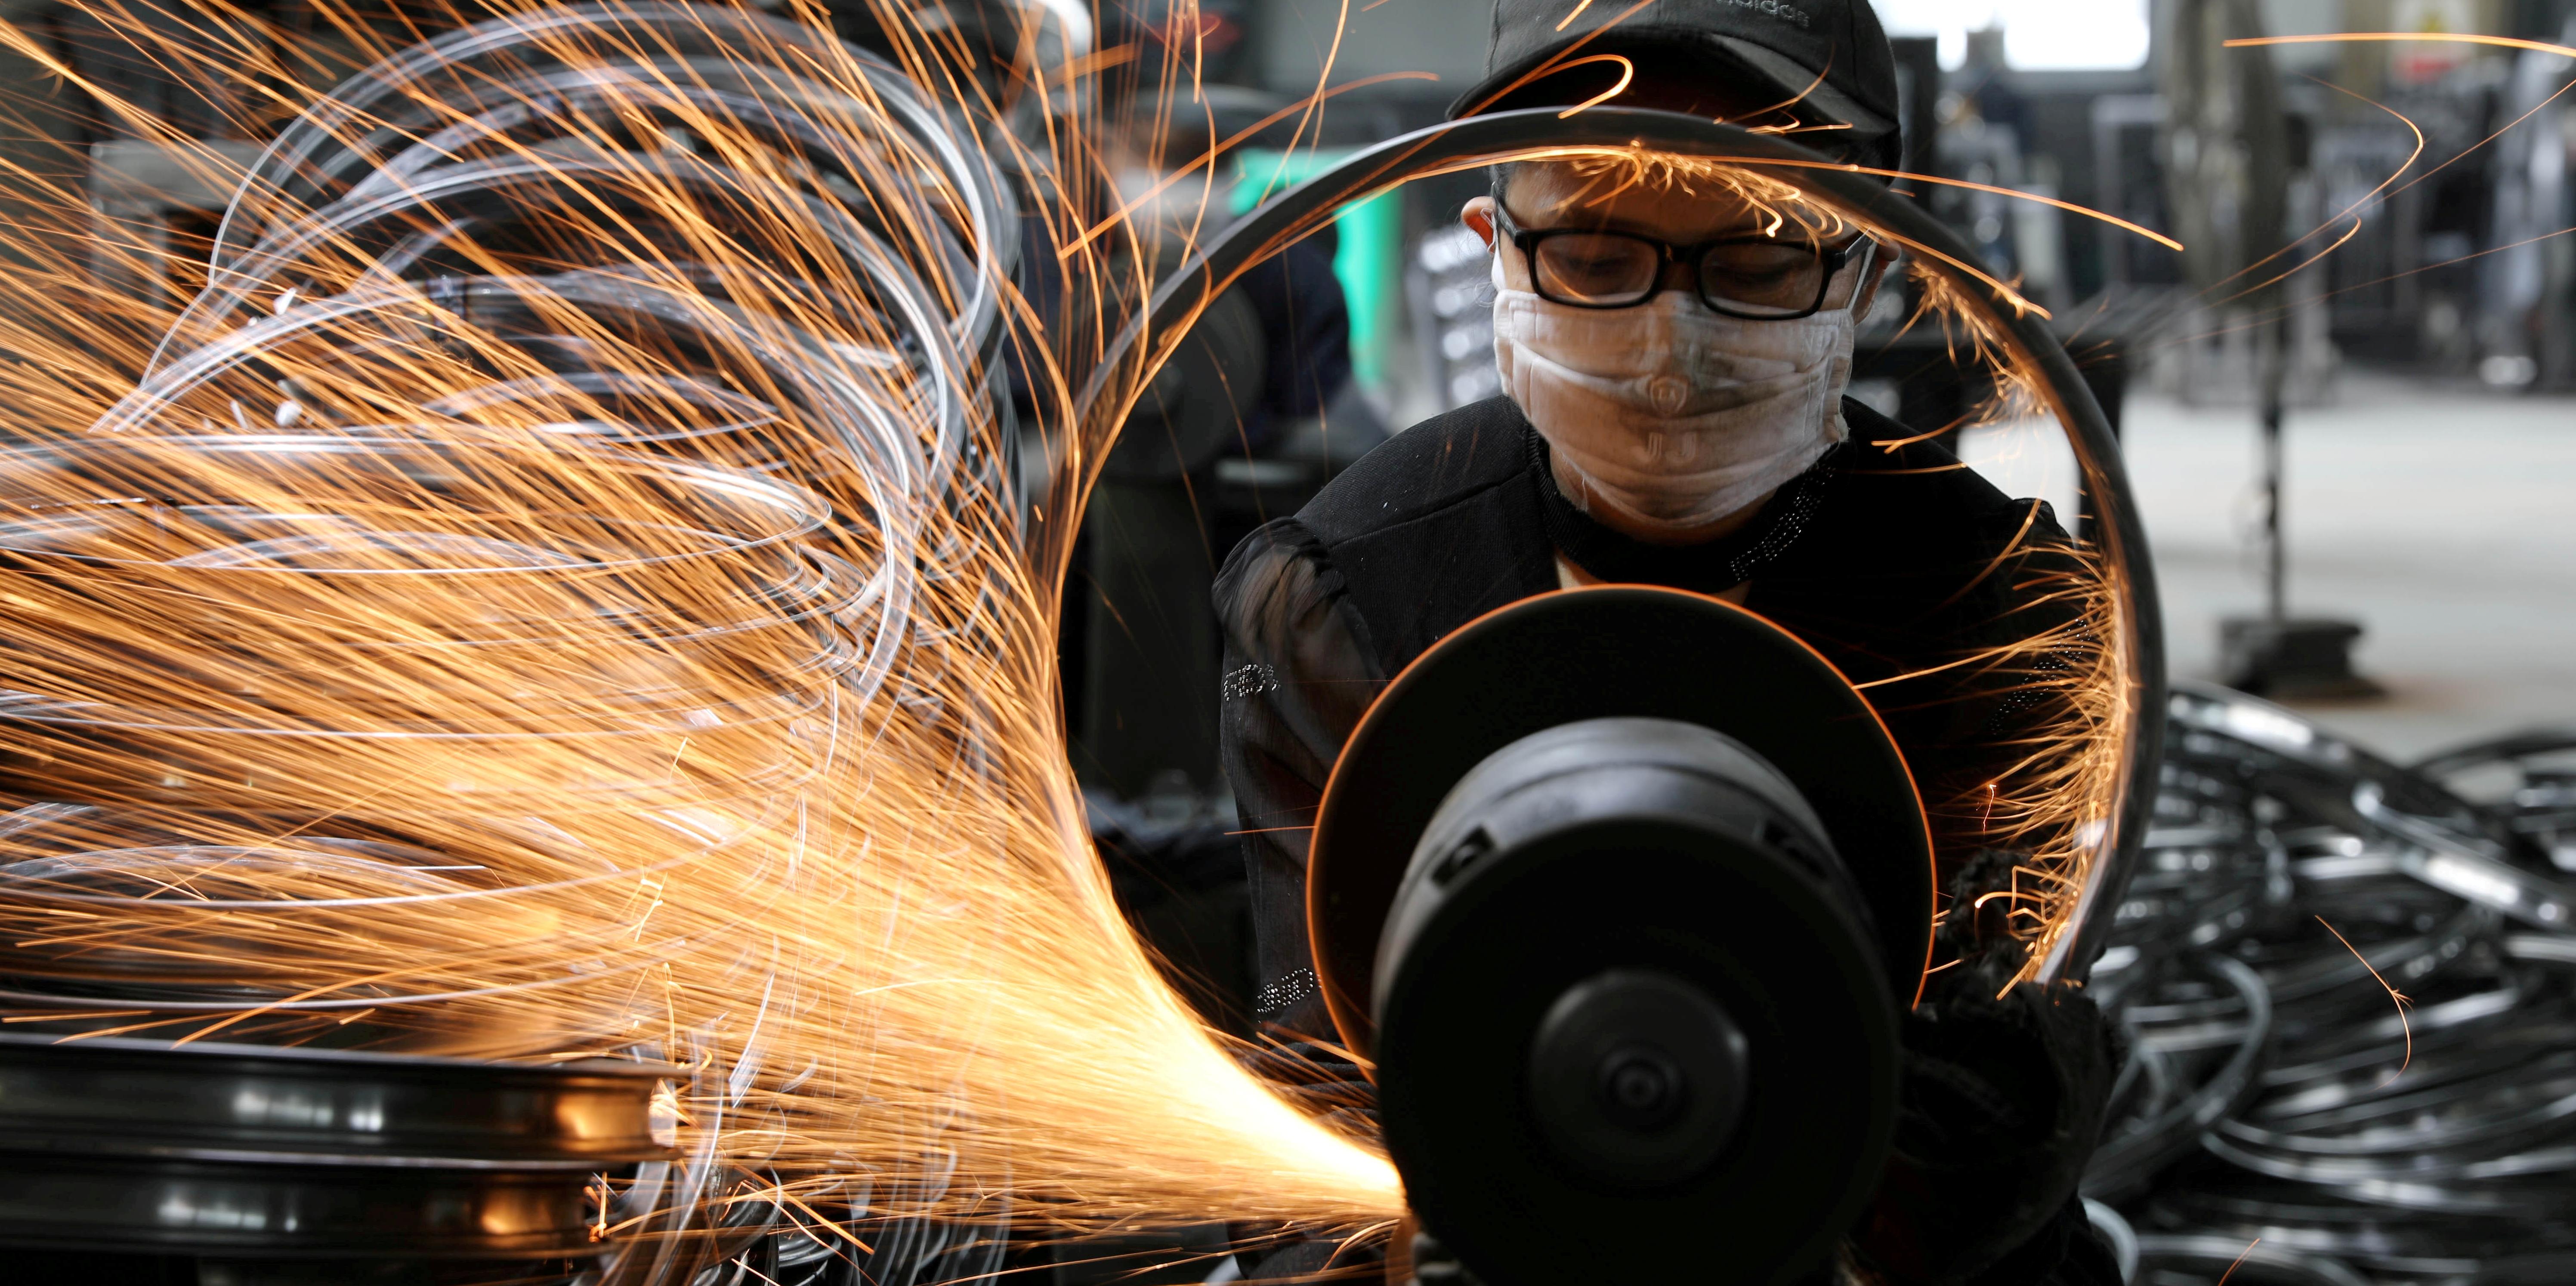 chine-usine-manufacture-articles-sport-roue-de-bicyclette-croissance